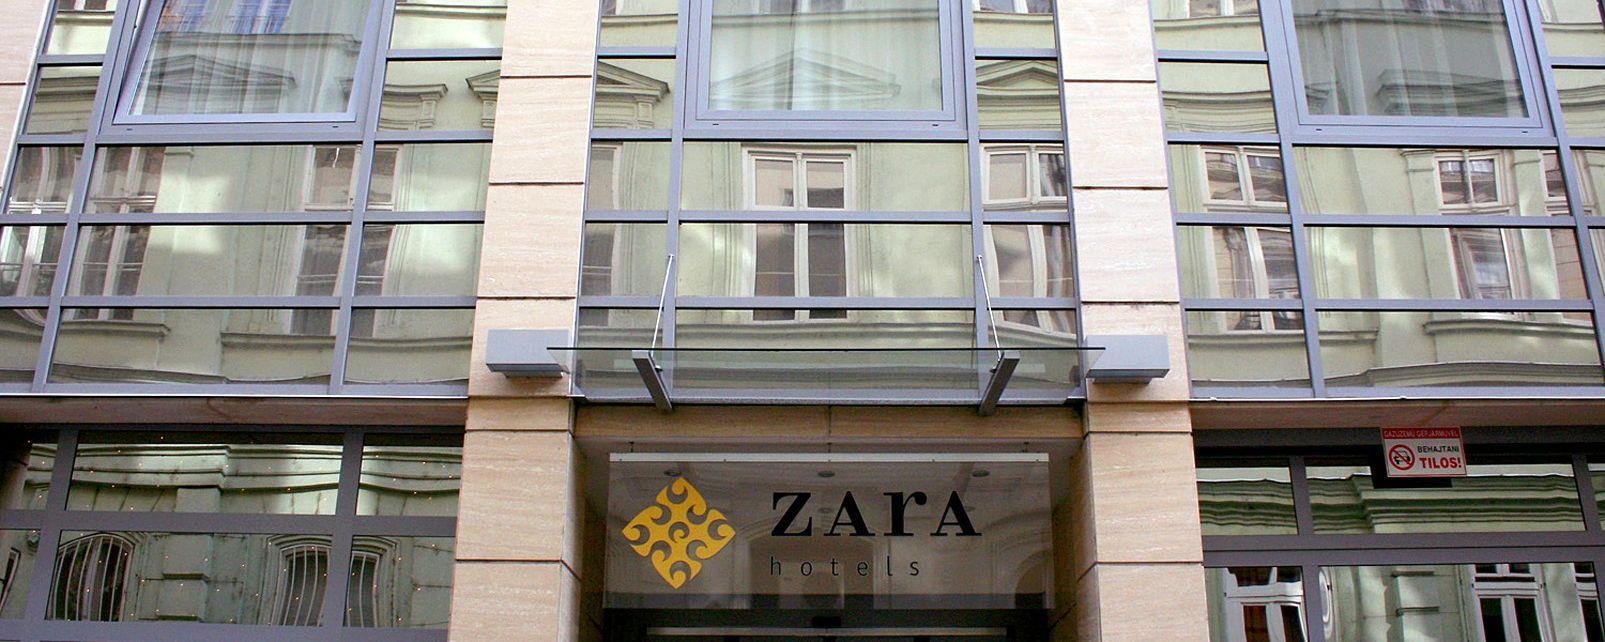 H tel zara boutique hotel budapest for Zara hotel budapest